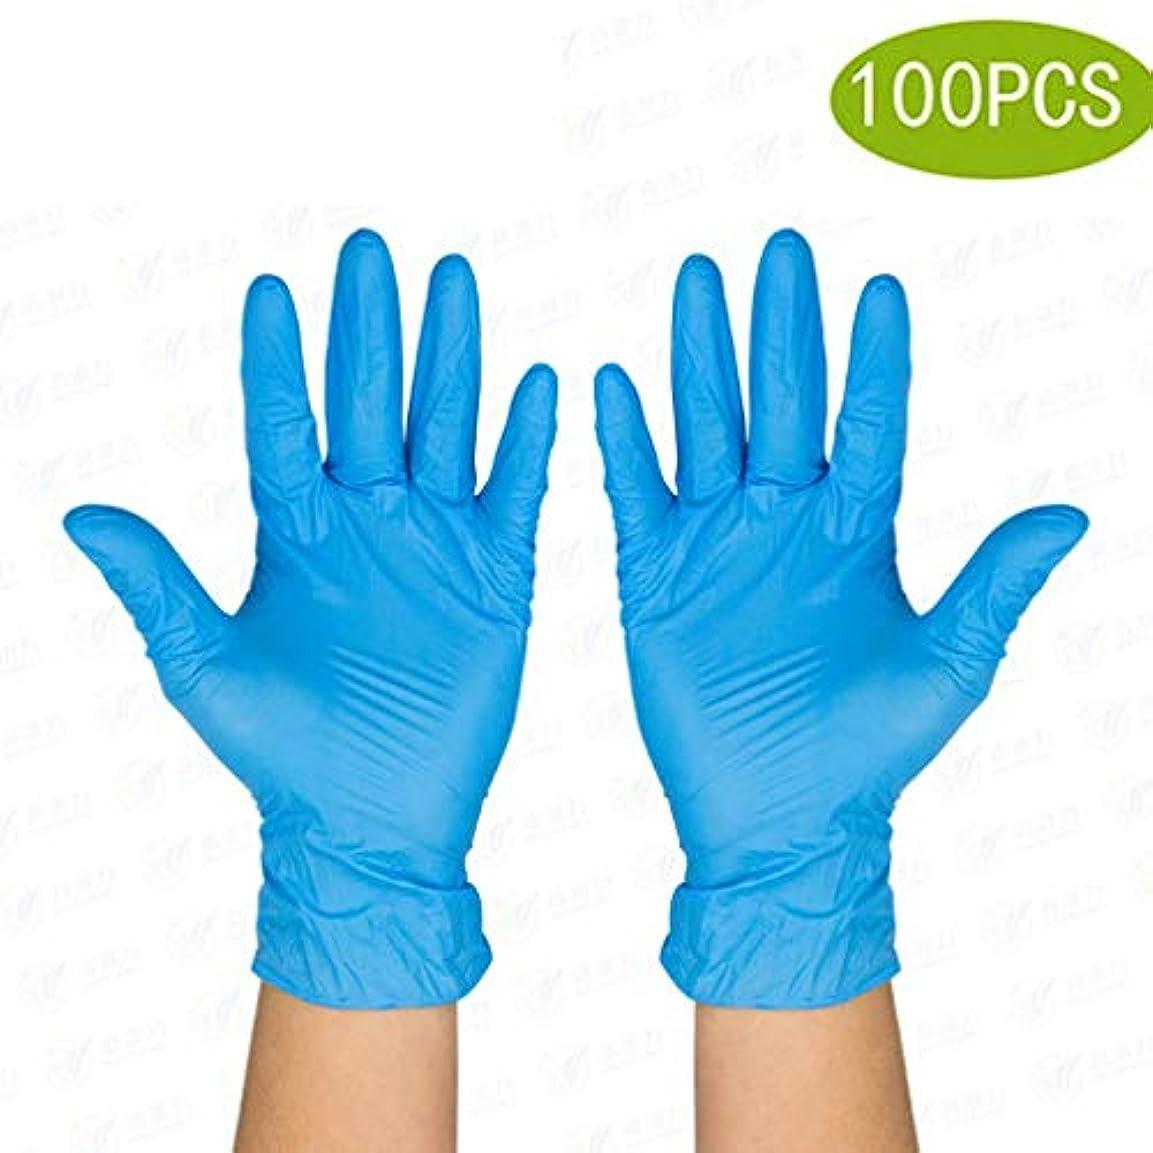 可能にする酔う手段保護用使い捨てニトリル医療用手袋、3mil、ラテックスフリー、試験グレードの手袋、質感のある、両性、非滅菌の、100ラテックス手袋のパック (Color : Blue, Size : L)